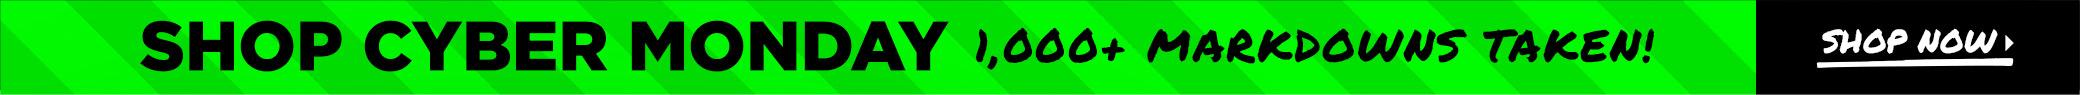 Shop Cyber Monday - 1,000+ Markdowns Taken. Shop Now!